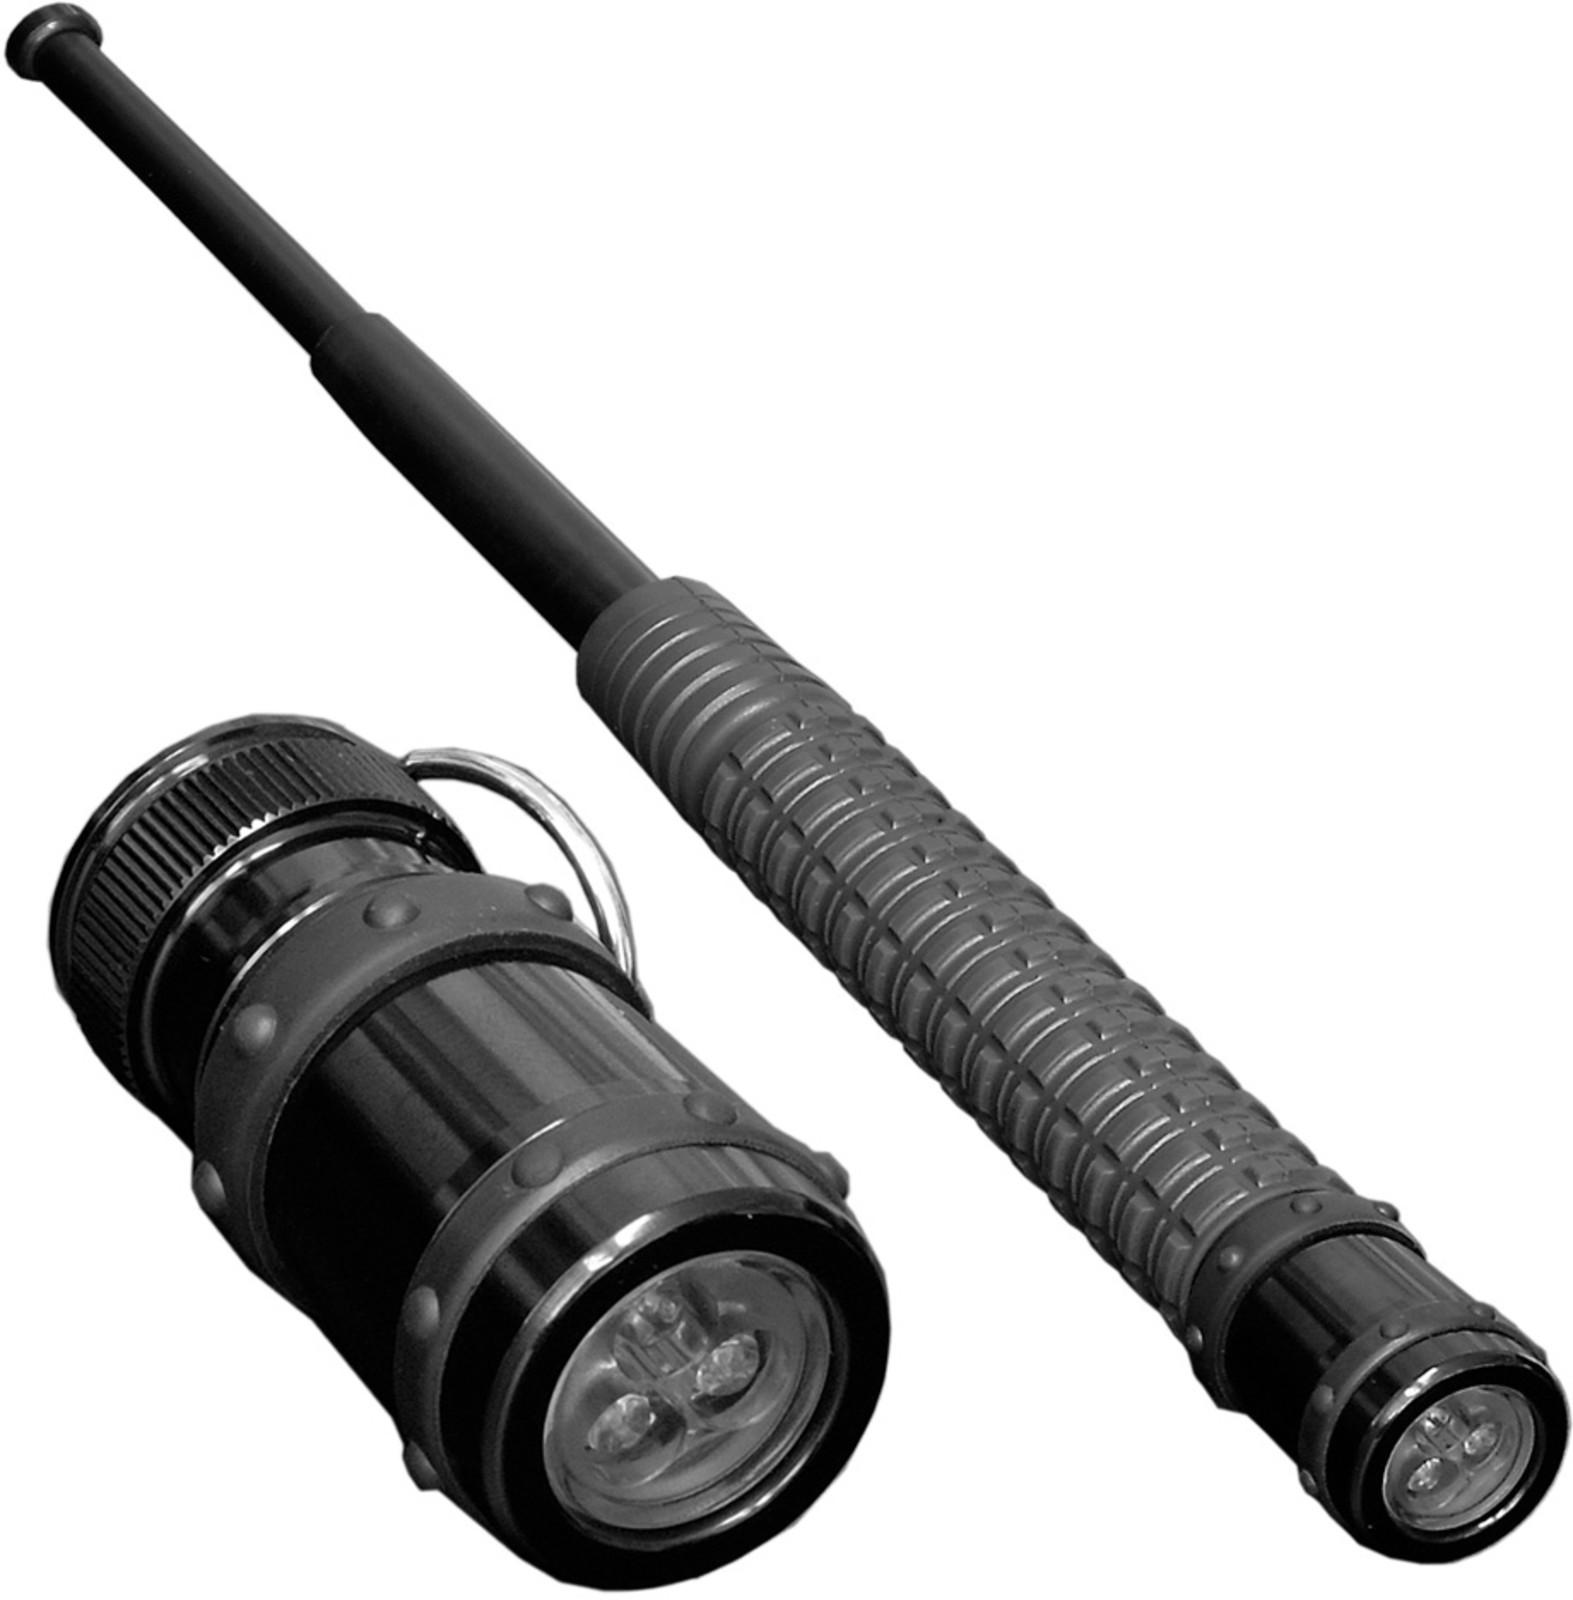 Svítilna pro teleskopický obušek BL-02(kratší verze)